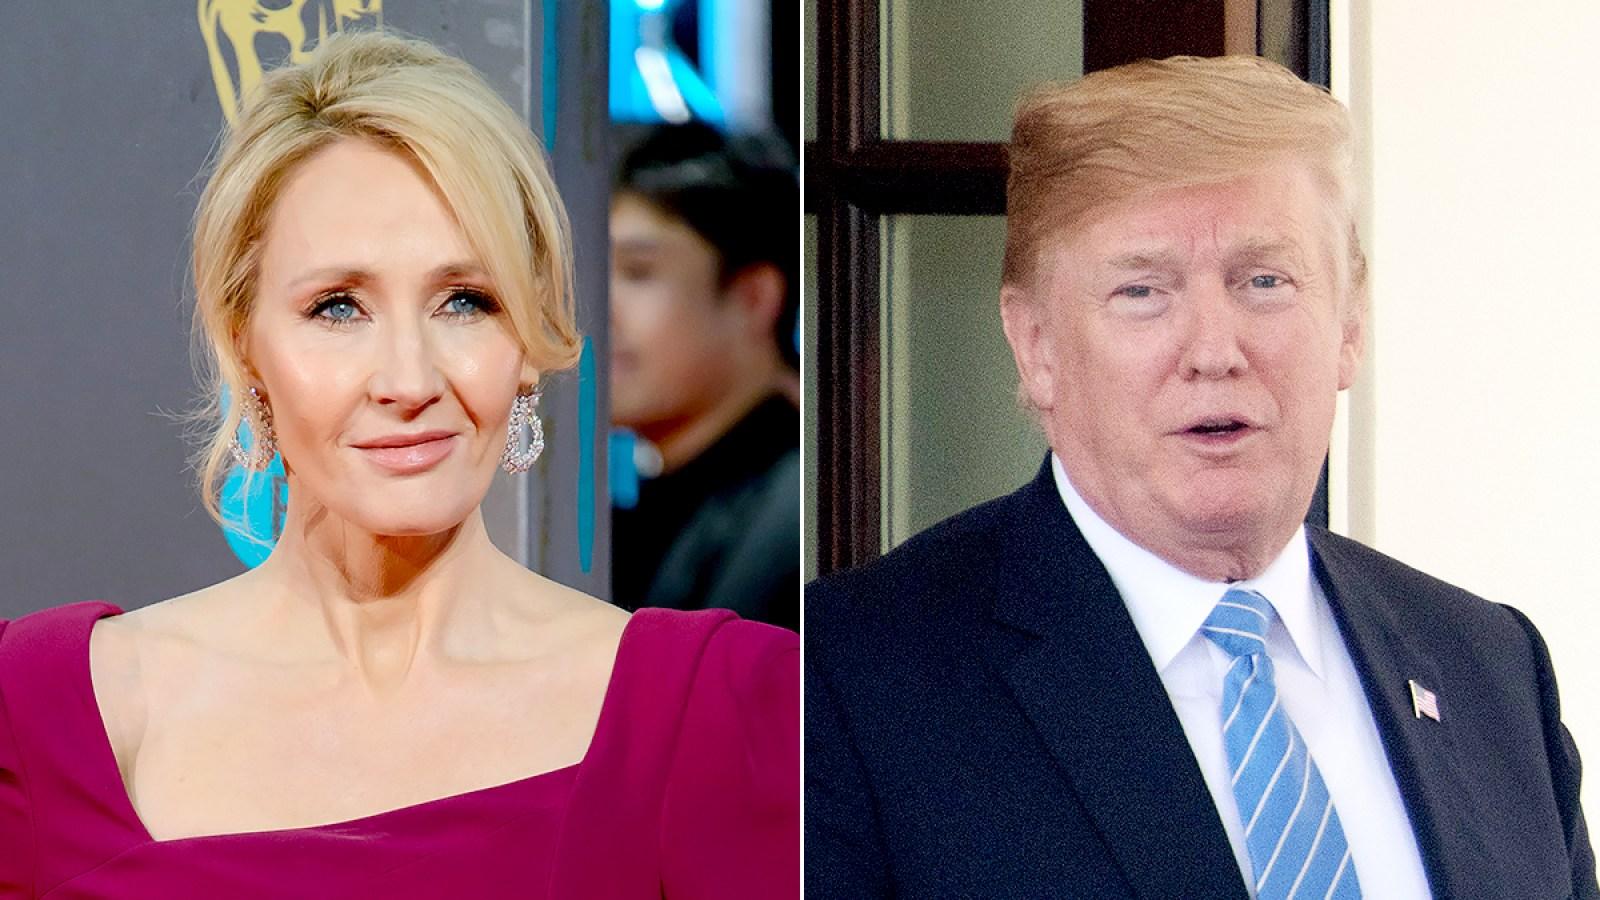 J K  Rowling, Merriam-Webster Troll Donald Trump Over Tweet